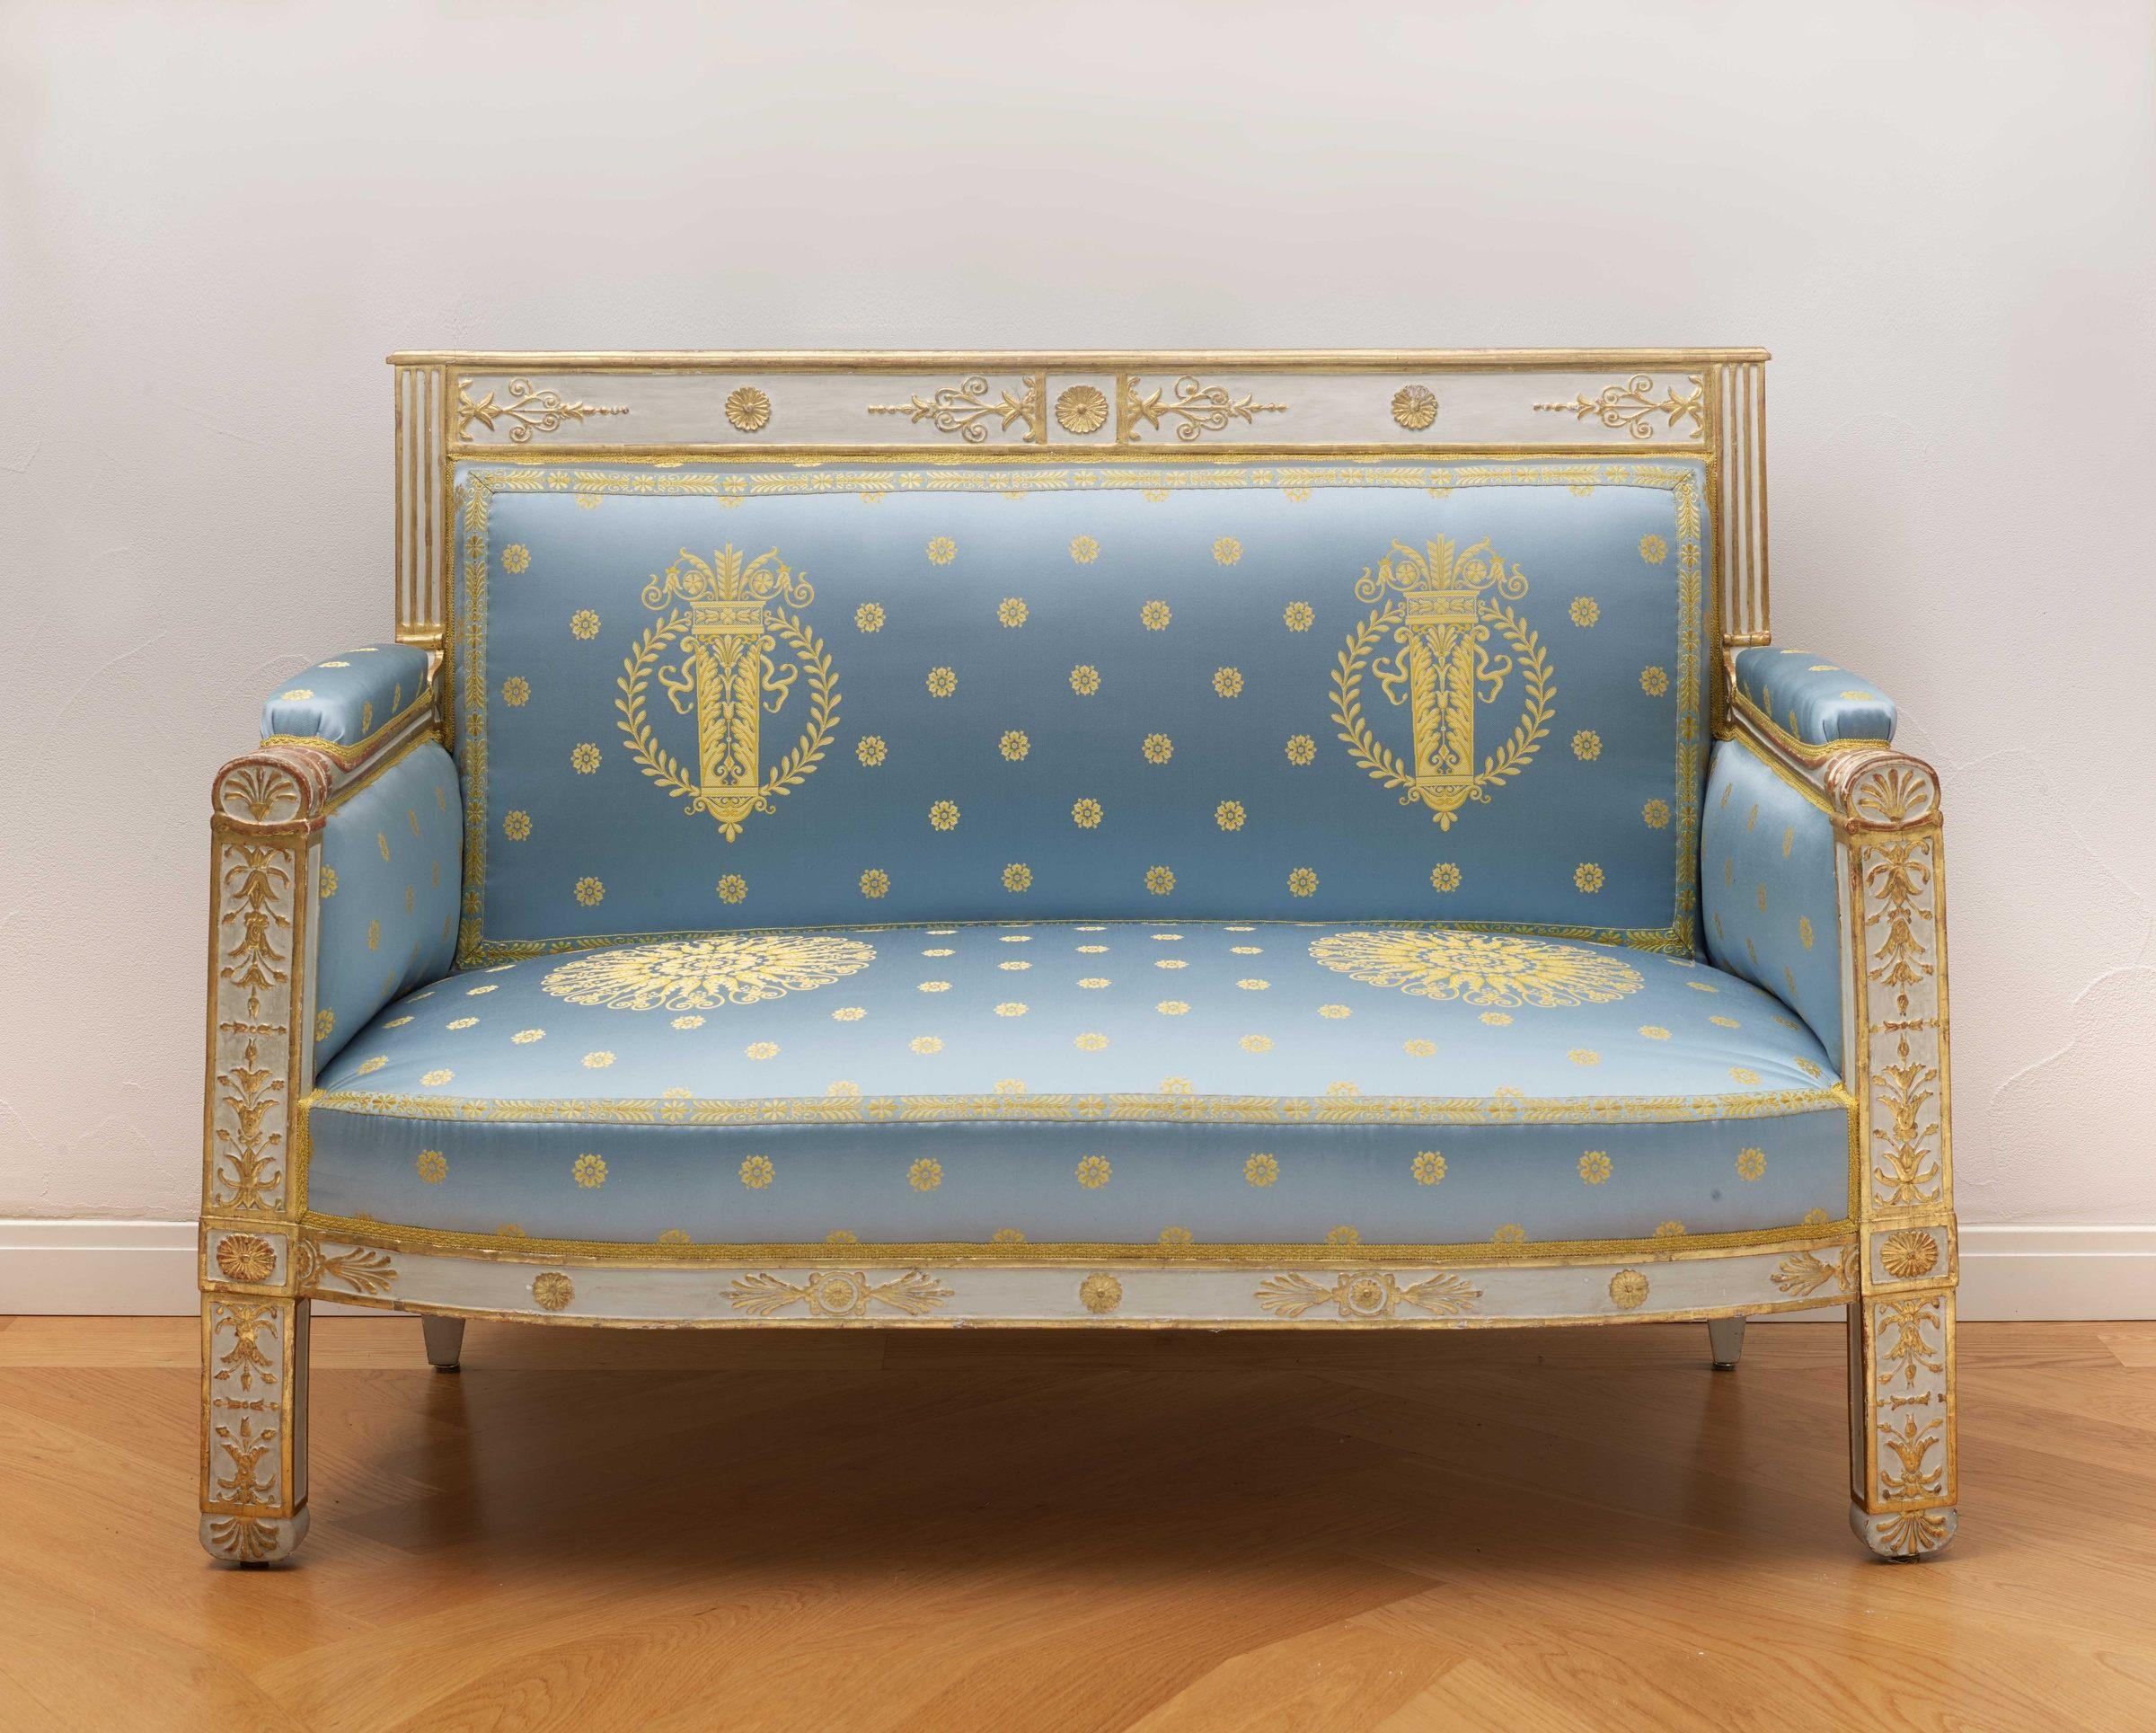 Canapé Lit Paris Meilleur De Pierre Gaston Brion attributed to A Set Of Empire Furniture